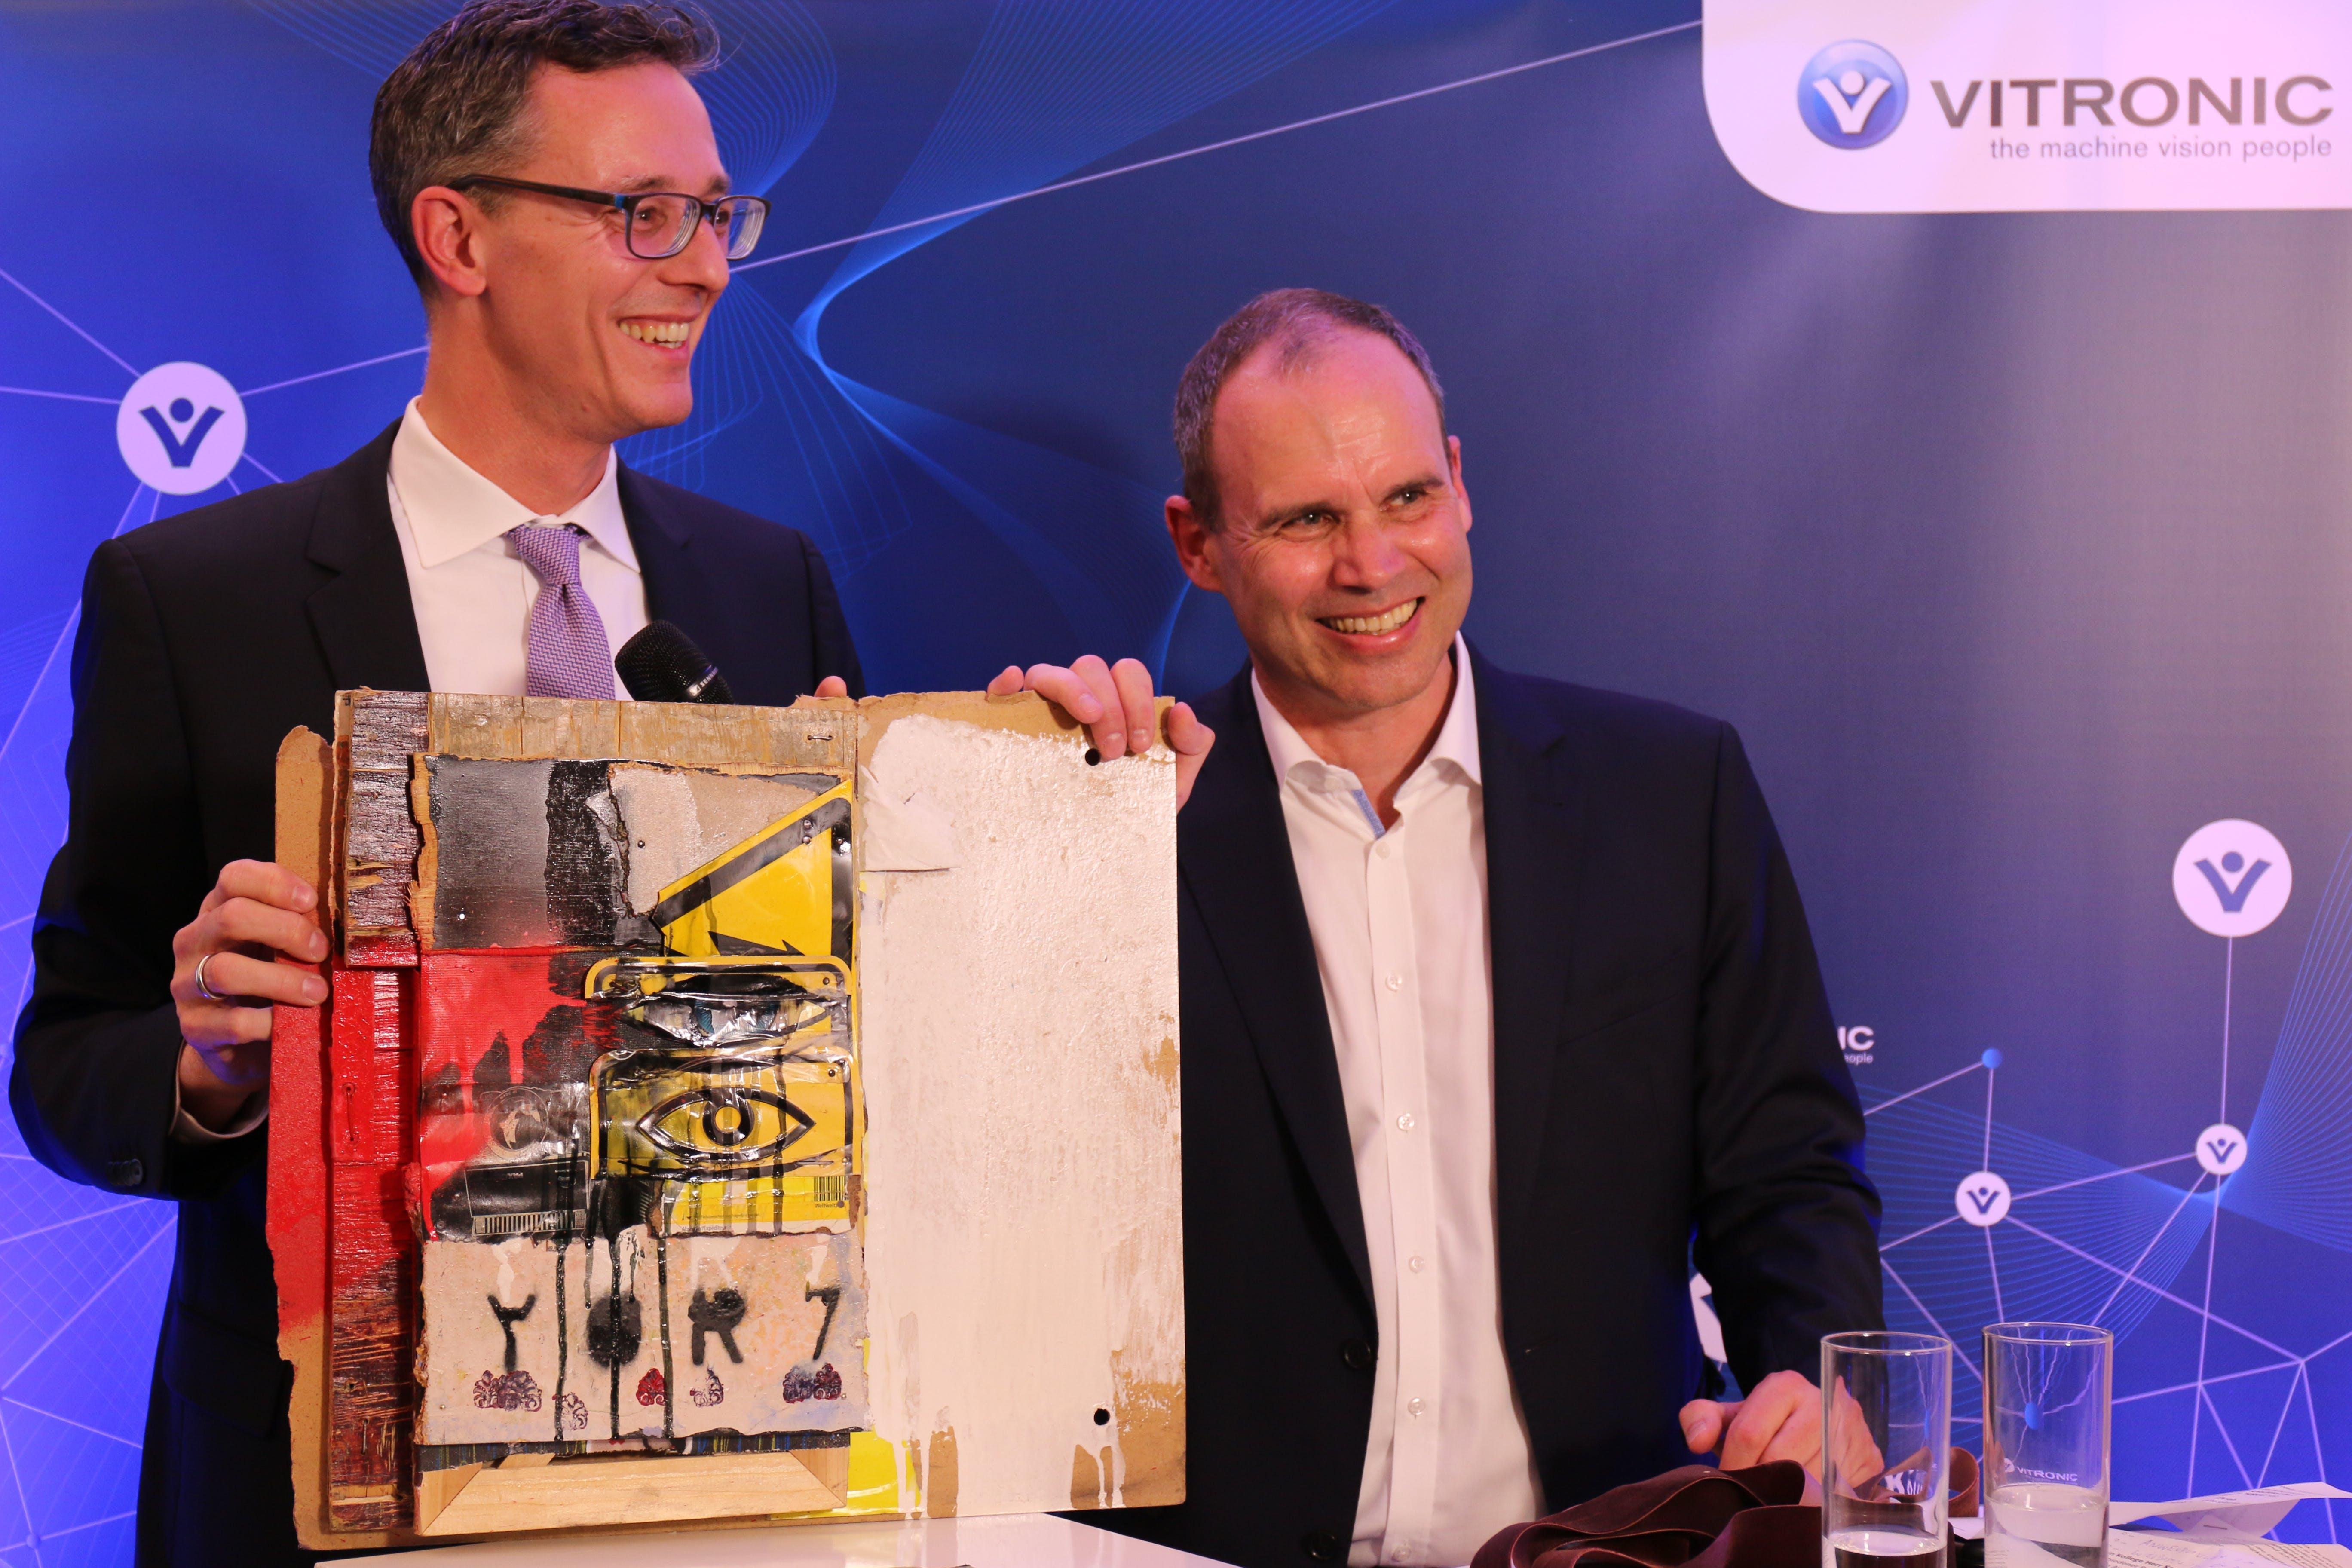 VITRONIC Opens Office in Berlin